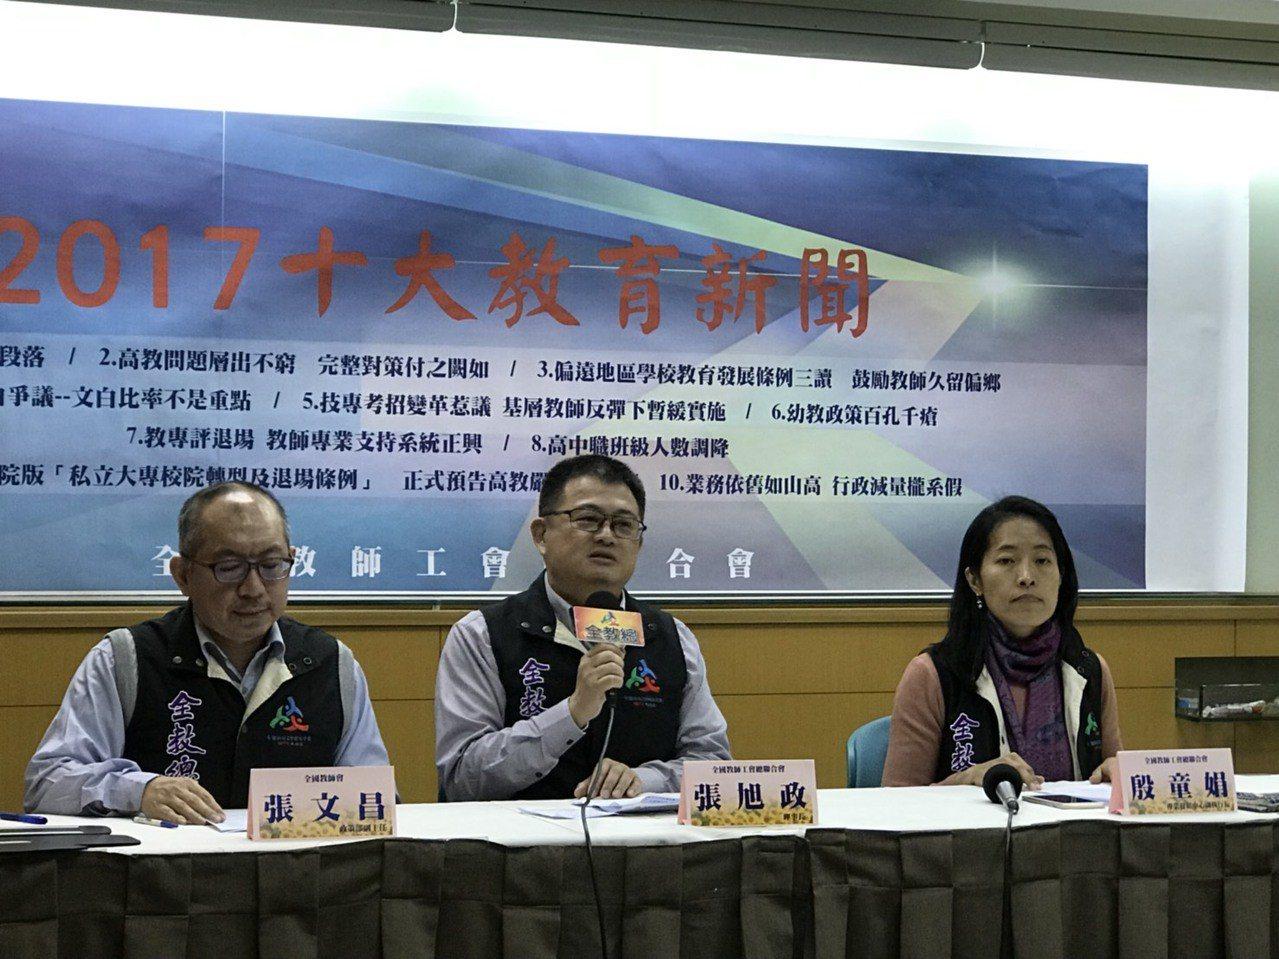 全國教師工會總聯合會昨天招開記者會,公布2017年度十大新聞。 記者馮靖惠/攝影